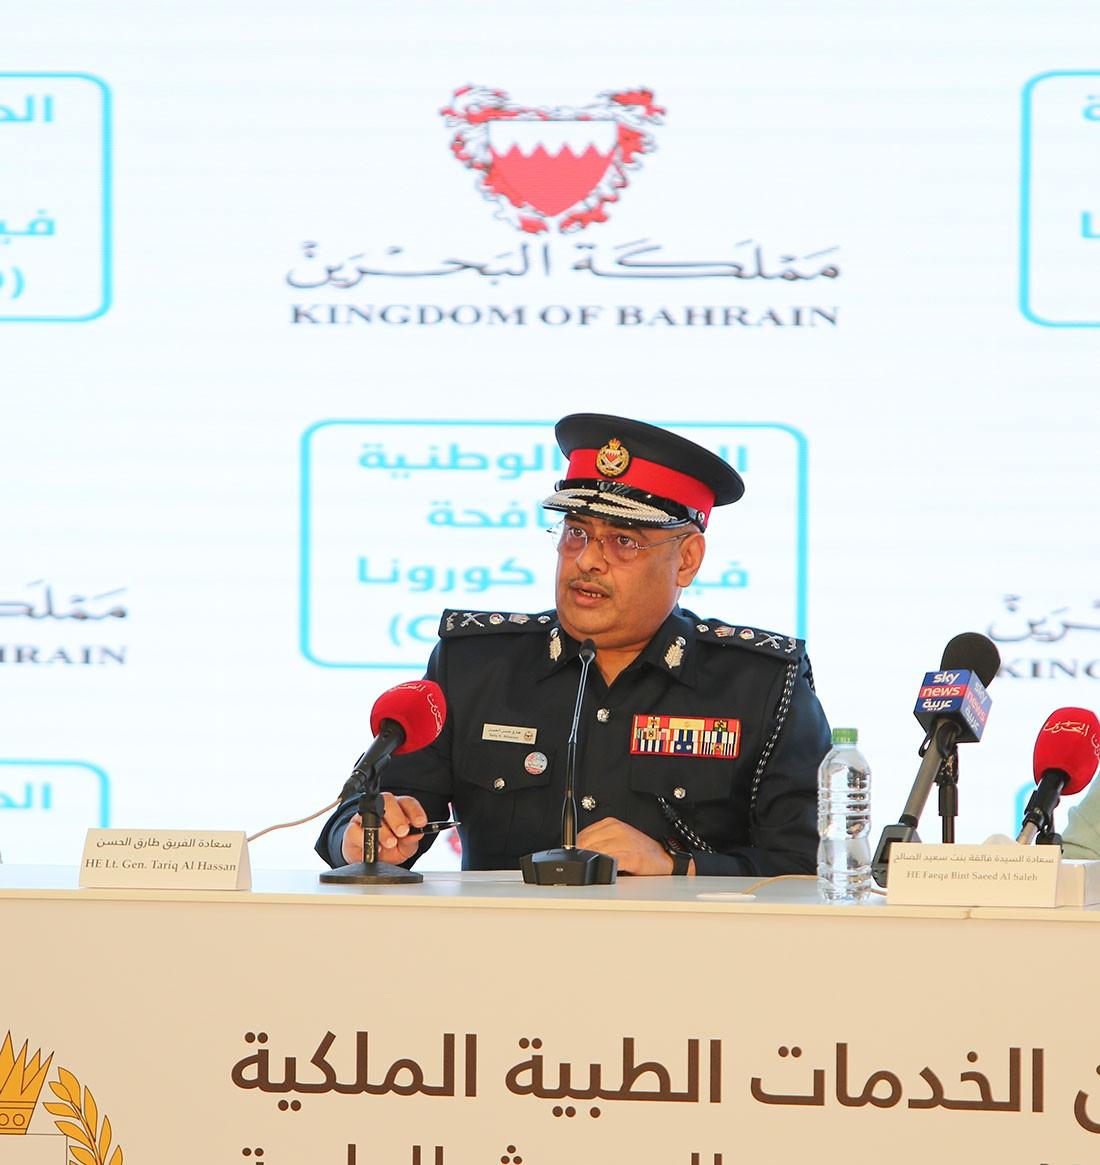 بالفيديو: رئيس الأمن العام يحظر التجمع بالأماكن العامة.. وإجرائات مشددة على المخالفين